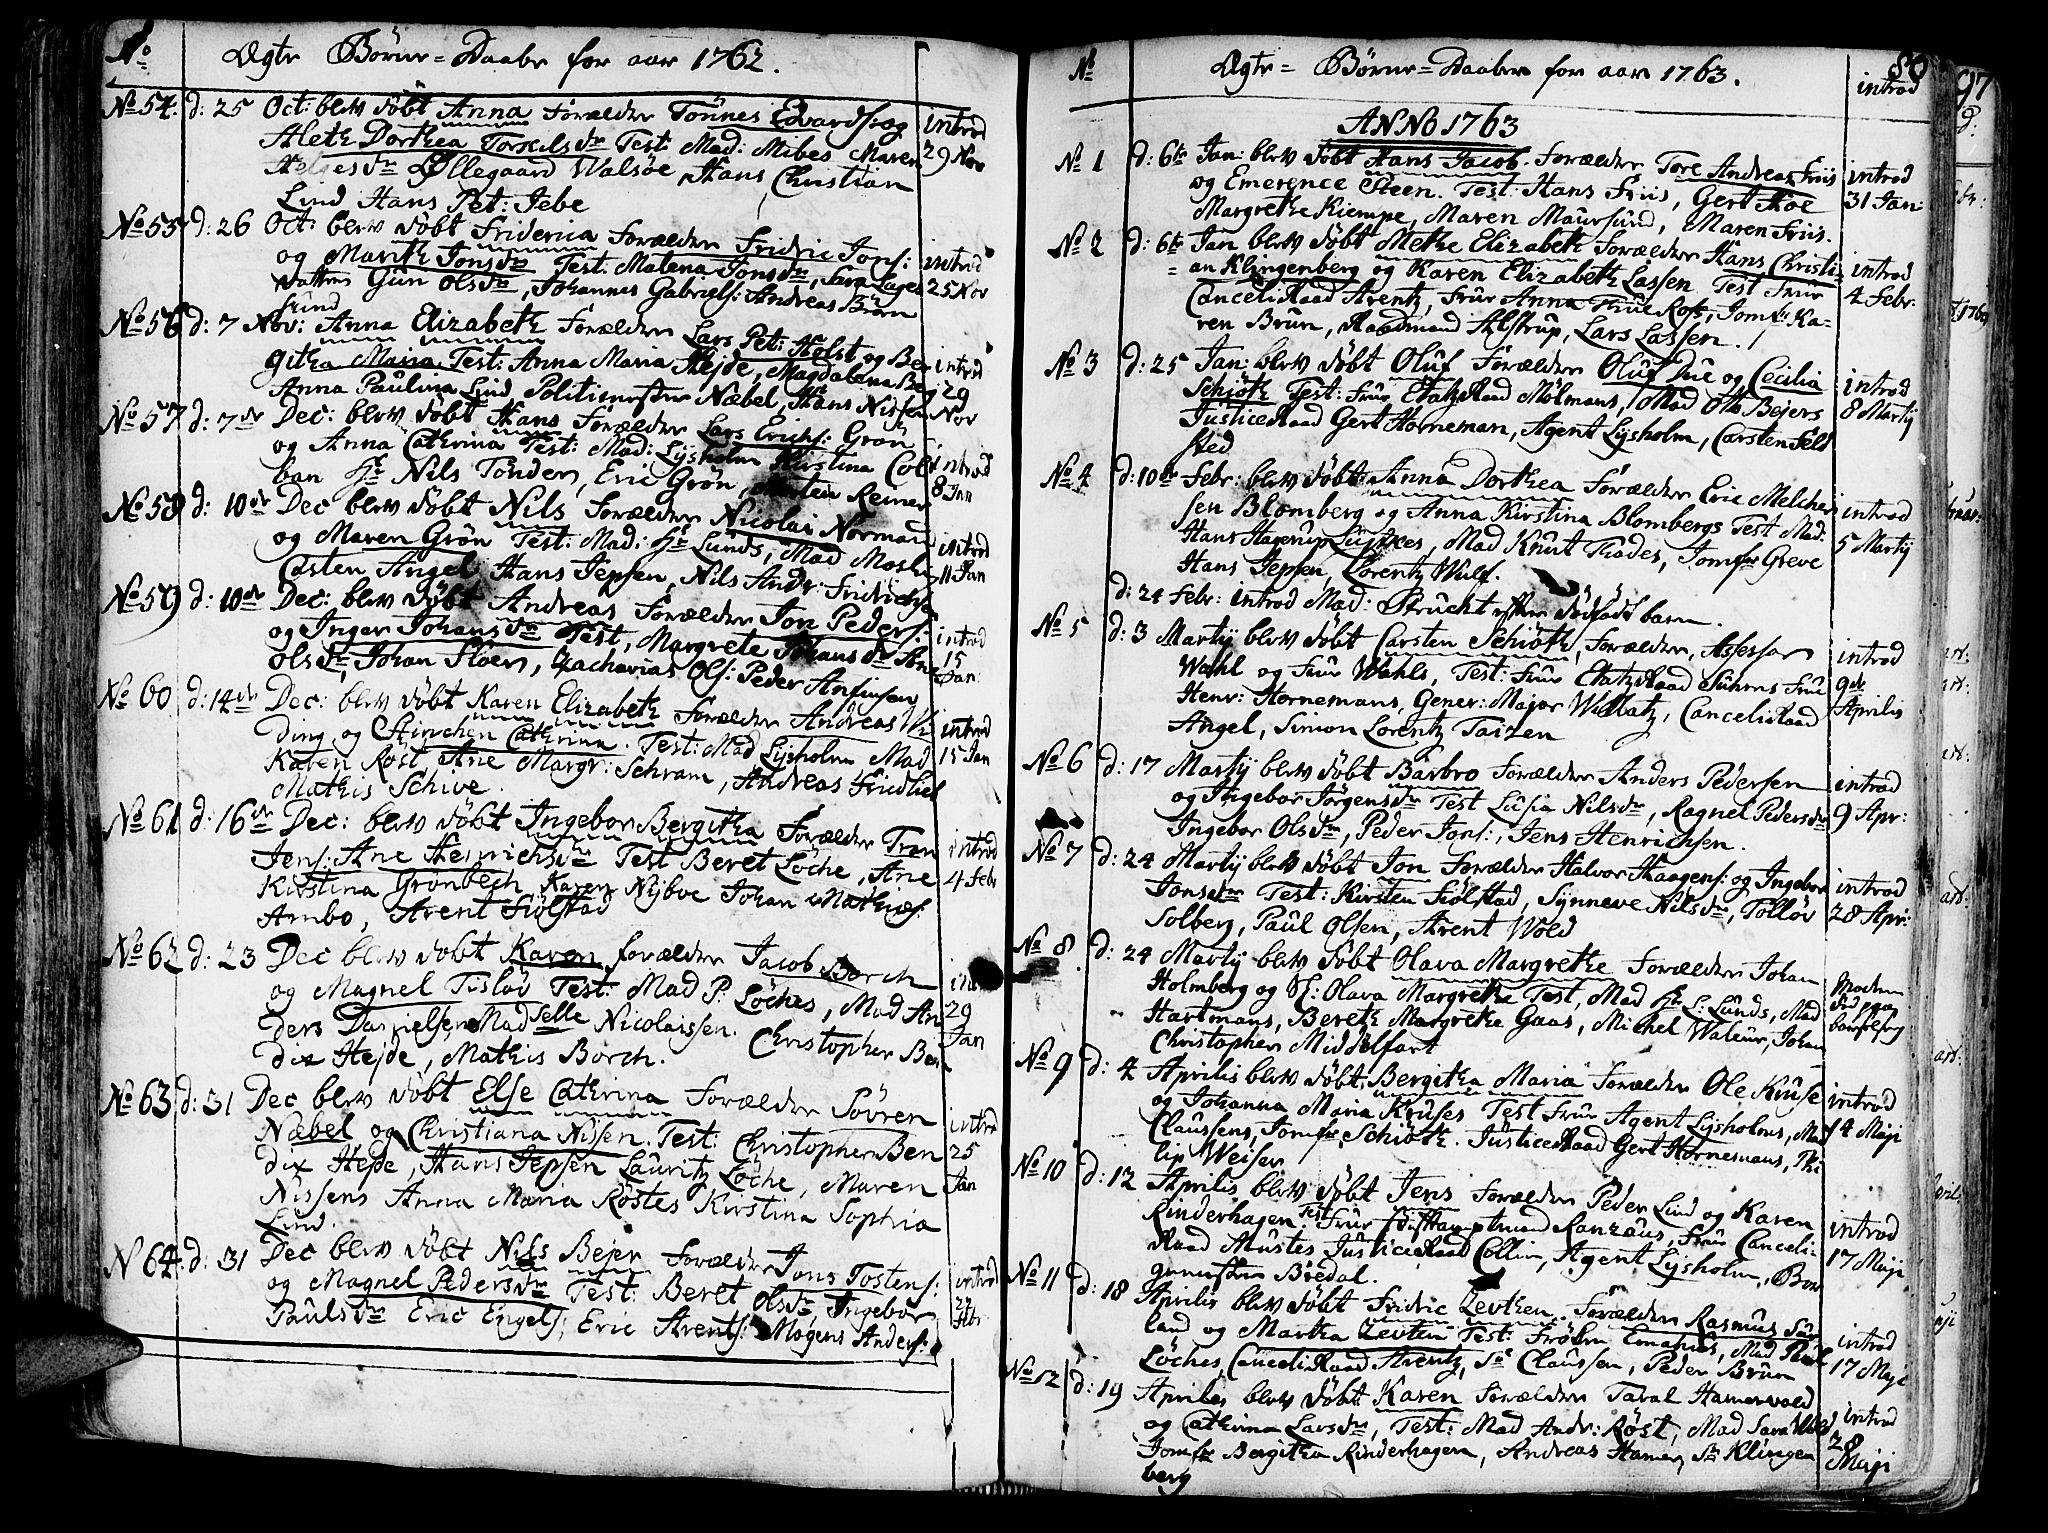 SAT, Ministerialprotokoller, klokkerbøker og fødselsregistre - Sør-Trøndelag, 602/L0103: Ministerialbok nr. 602A01, 1732-1774, s. 80